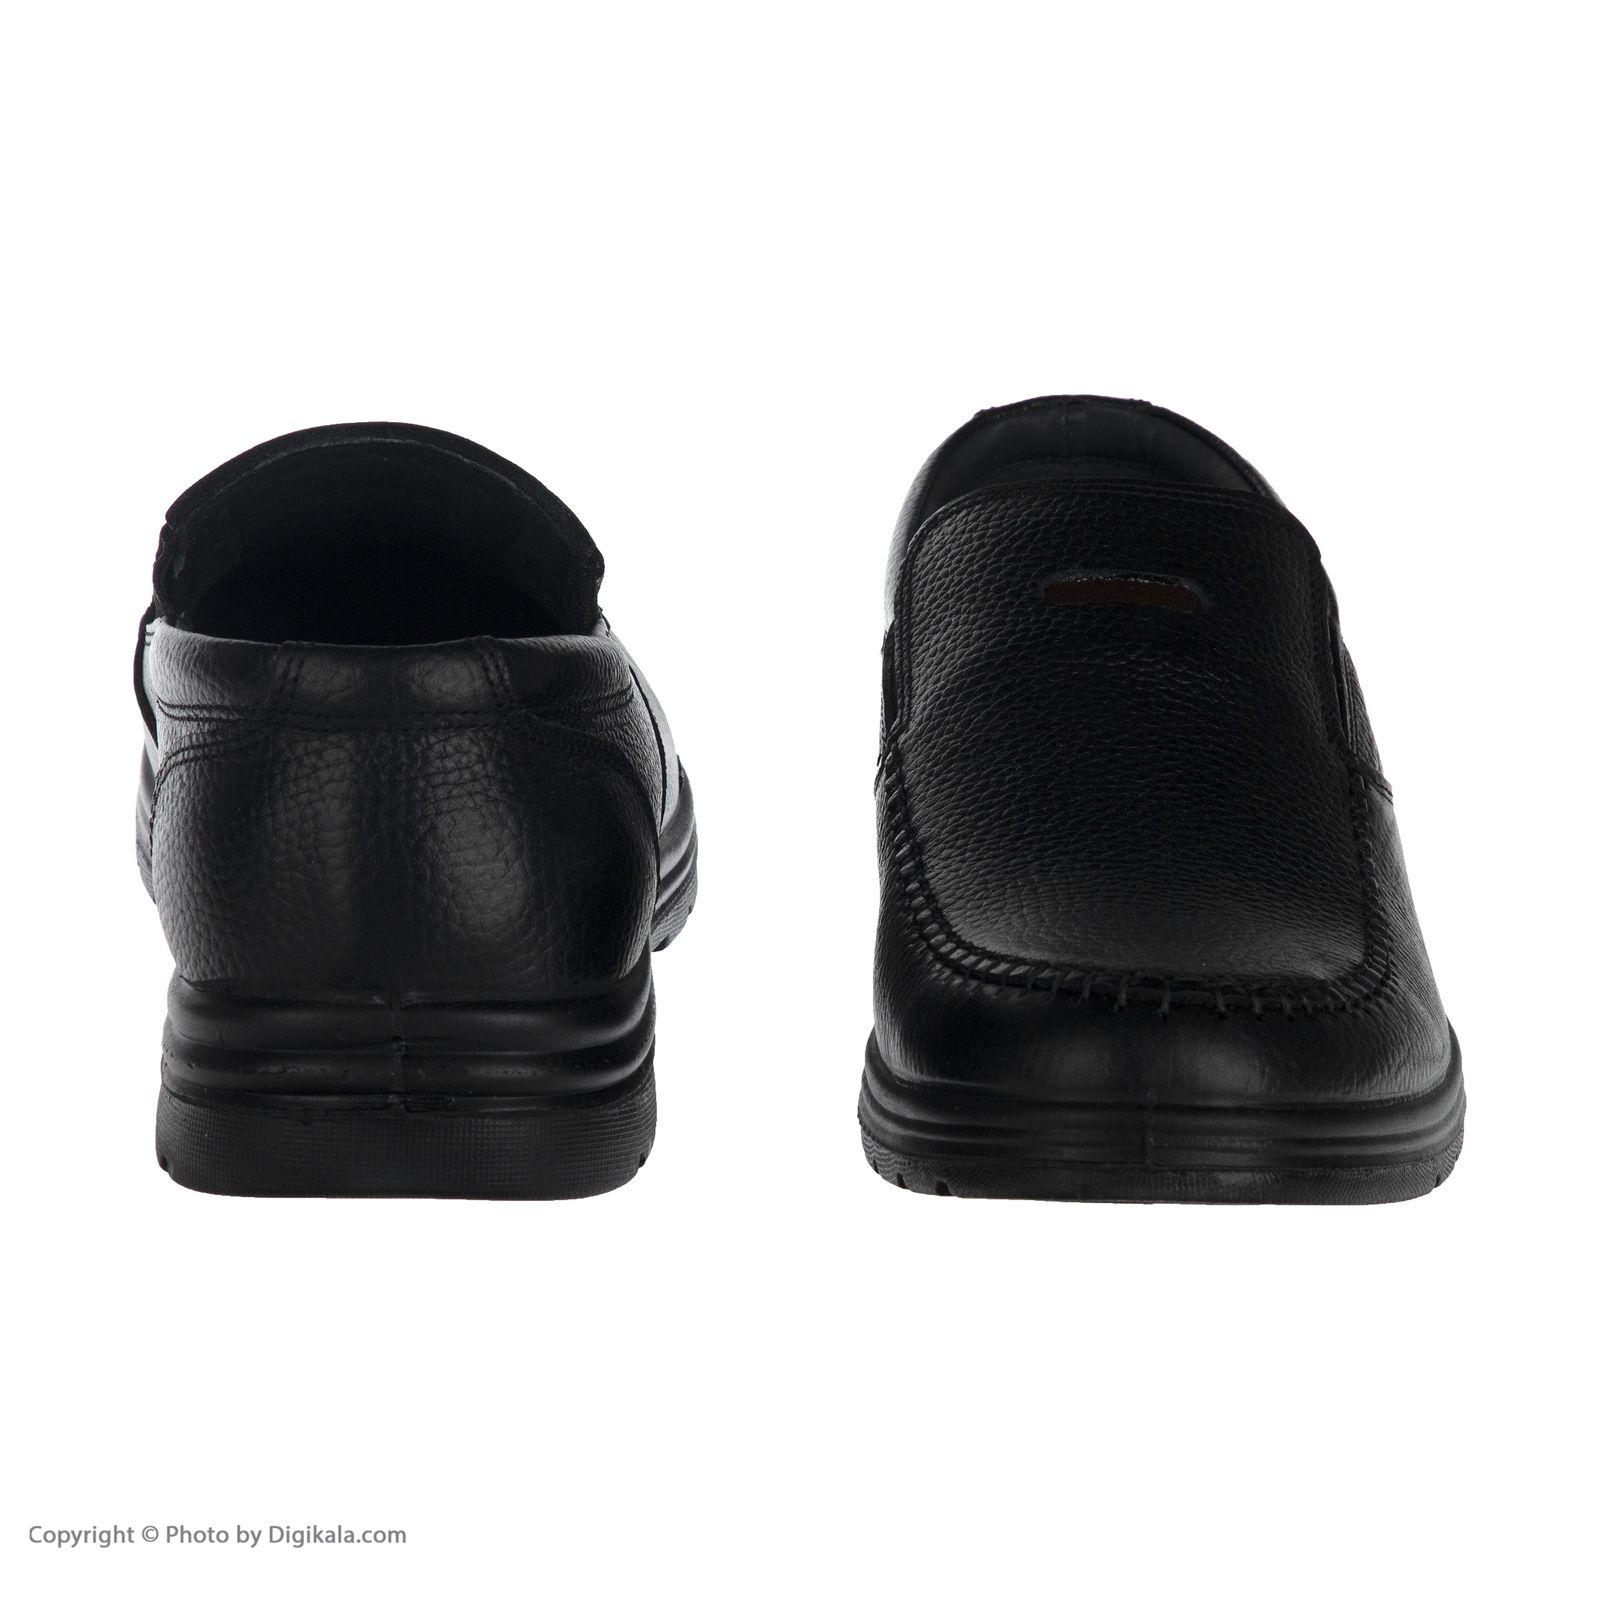 کفش روزمره مردانه بلوط مدل 7291A503101 -  - 5